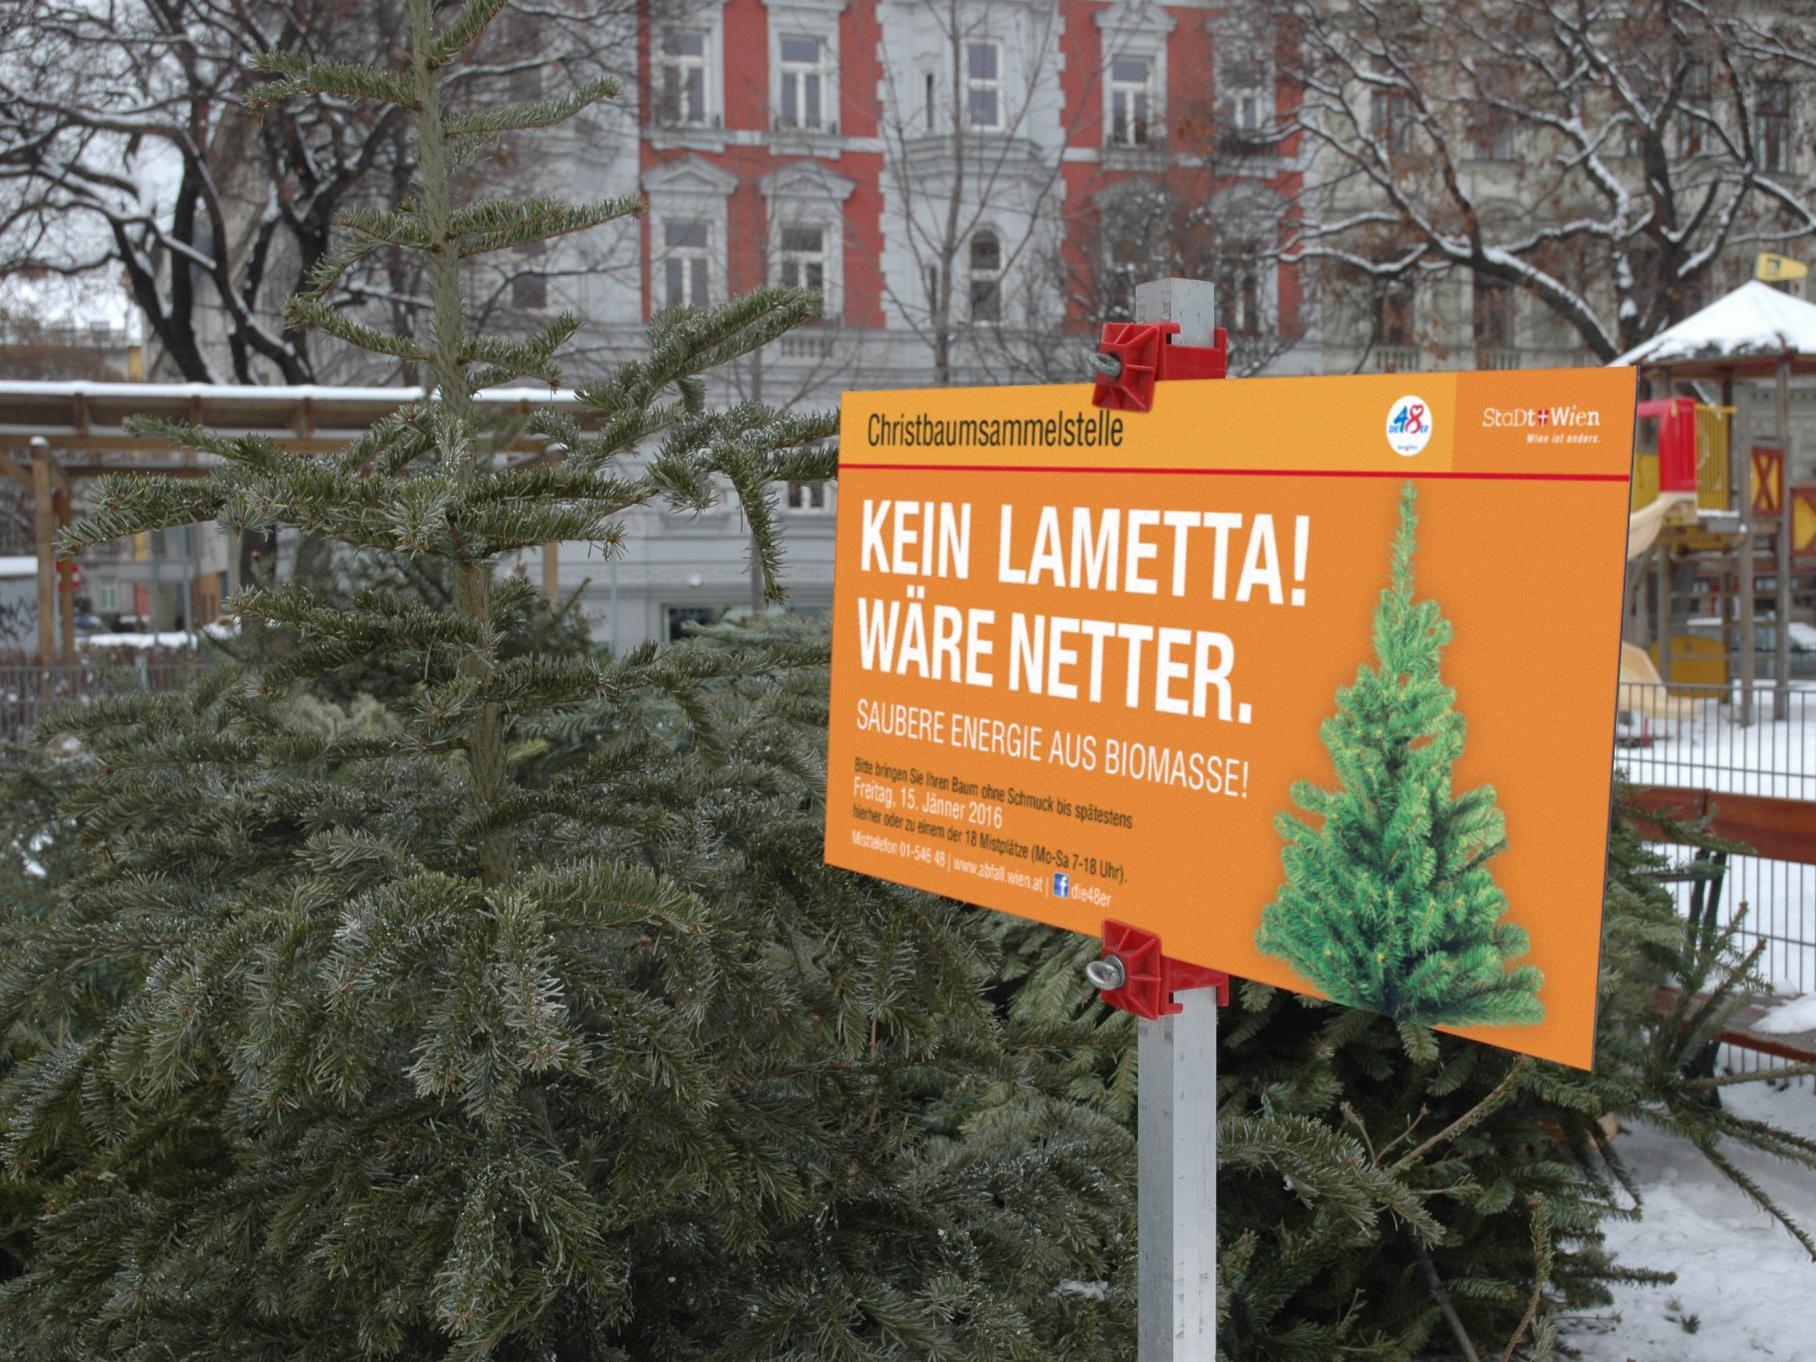 Ab dem 27. Dezember öffnen in Wien die Christbaumsammelstellen.